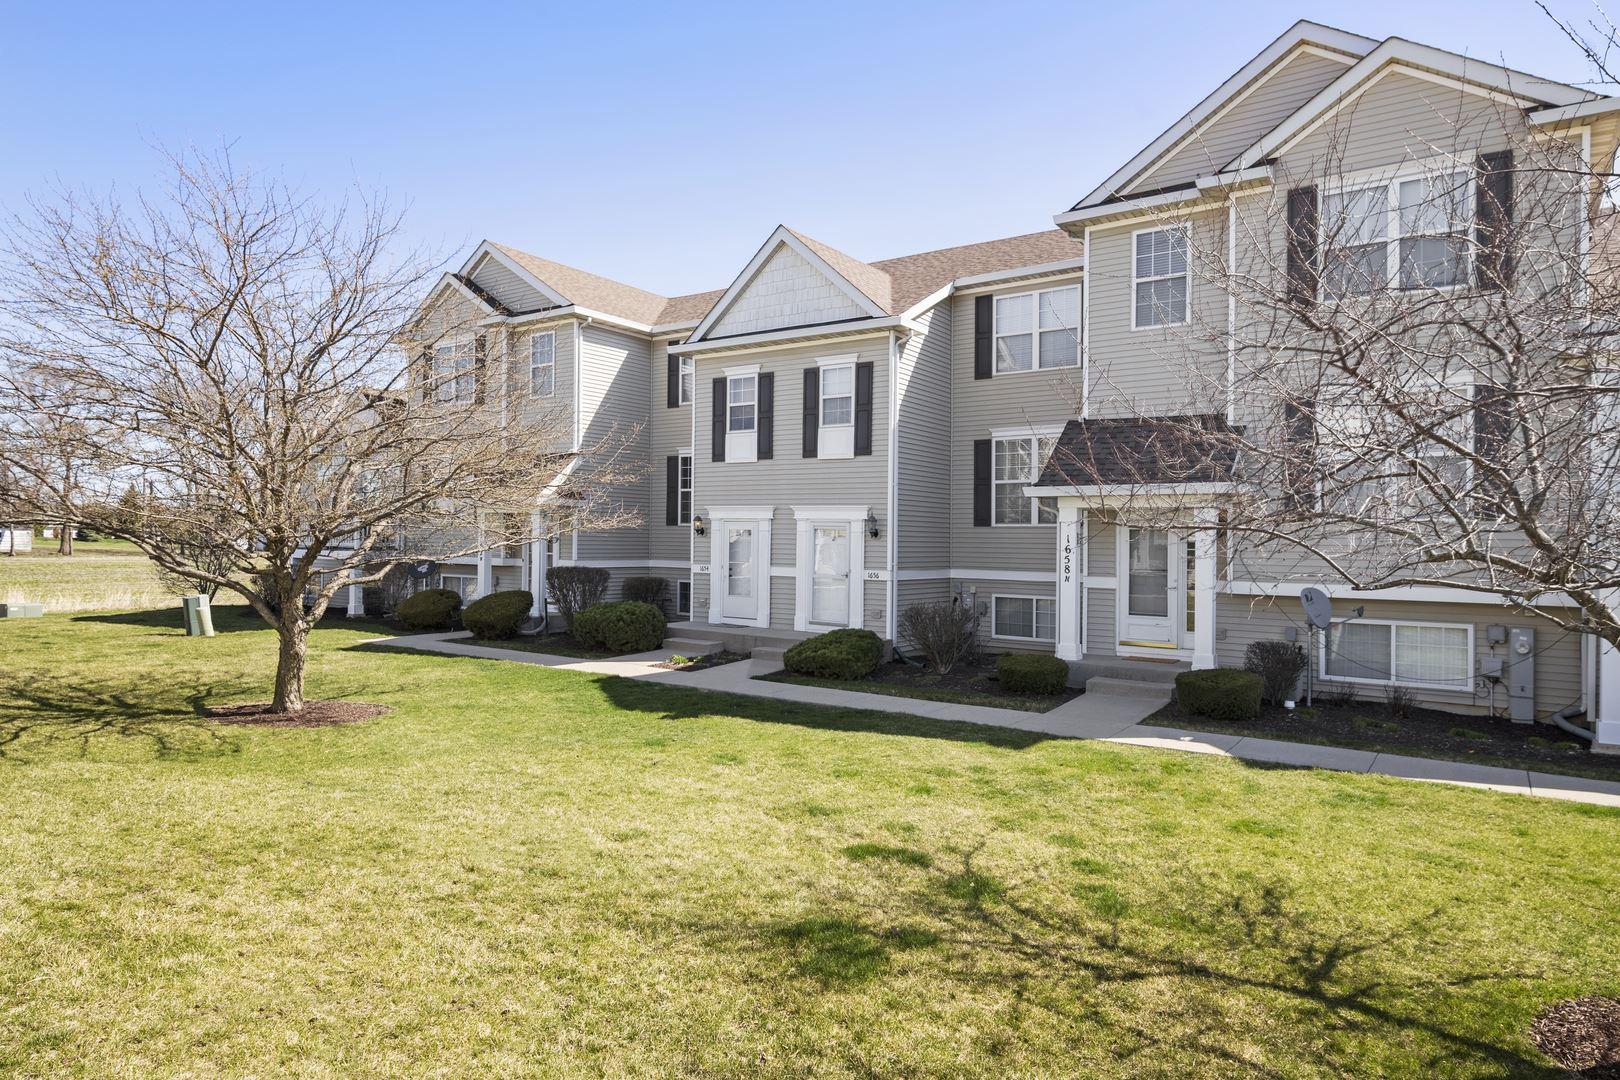 Photo of 1654 Fieldstone Drive N, Shorewood, IL 60404 (MLS # 11041451)